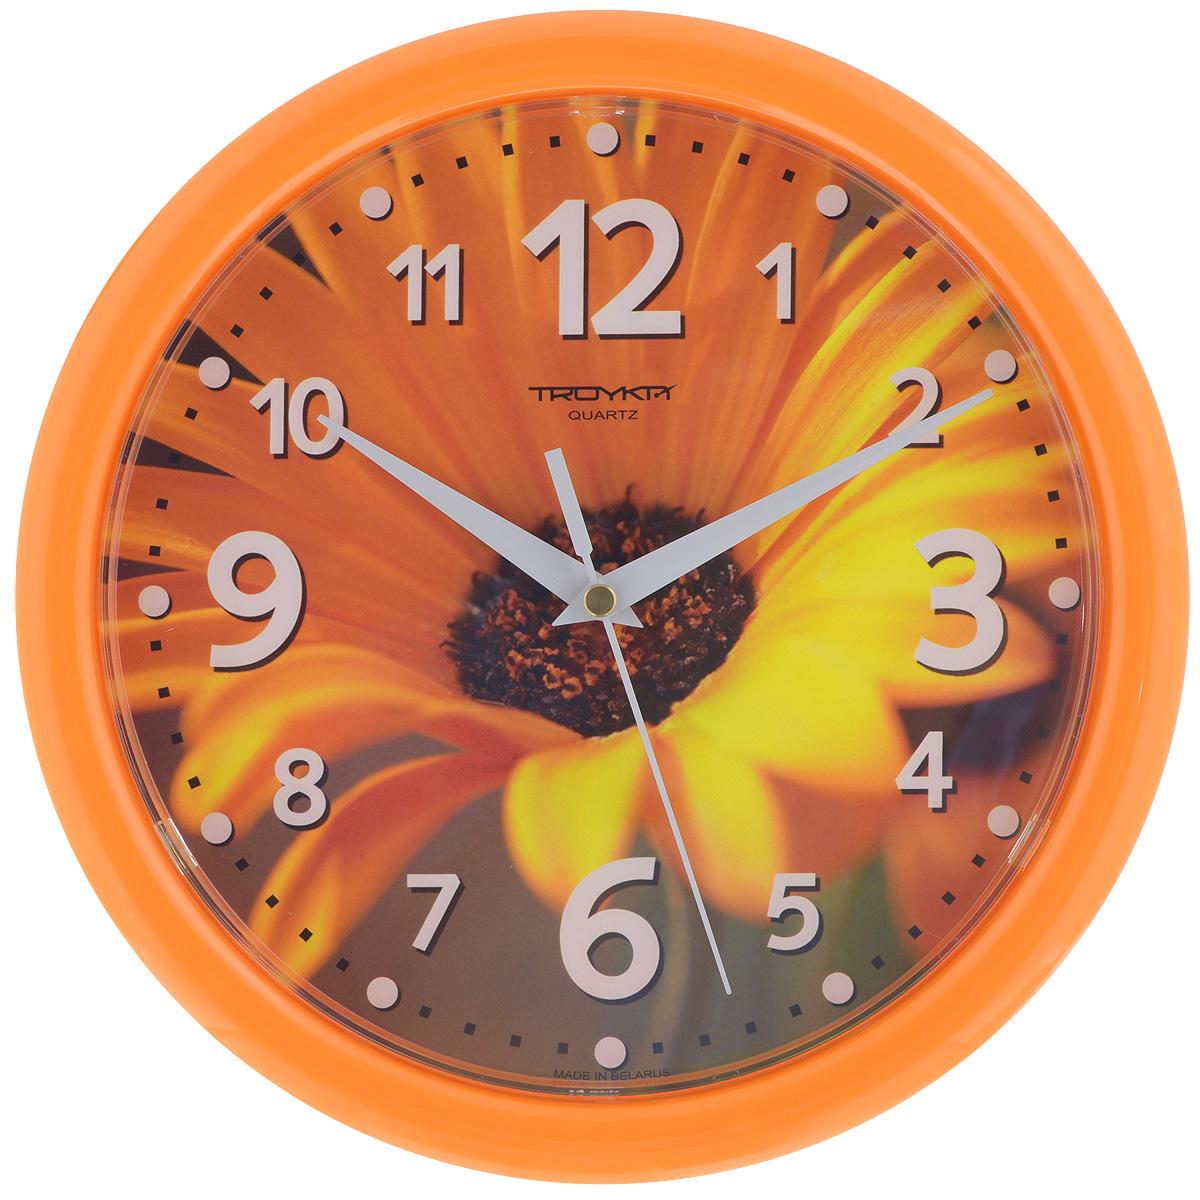 Часы настенные Troyka Гербера, цвет: желтый, оранжевый. 2125122621251226Настенные кварцевые часы Troyka Гербера, изготовленные из пластика, прекрасно подойдут под интерьер вашего дома. Круглые часы имеют три стрелки: часовую, минутную и секундную, циферблат украшен изображением цветка герберы и защищен прозрачным пластиком. Диаметр часов: 24,5 см. Часы работают от 1 батарейки типа АА напряжением 1,5 В (входит в комплект).